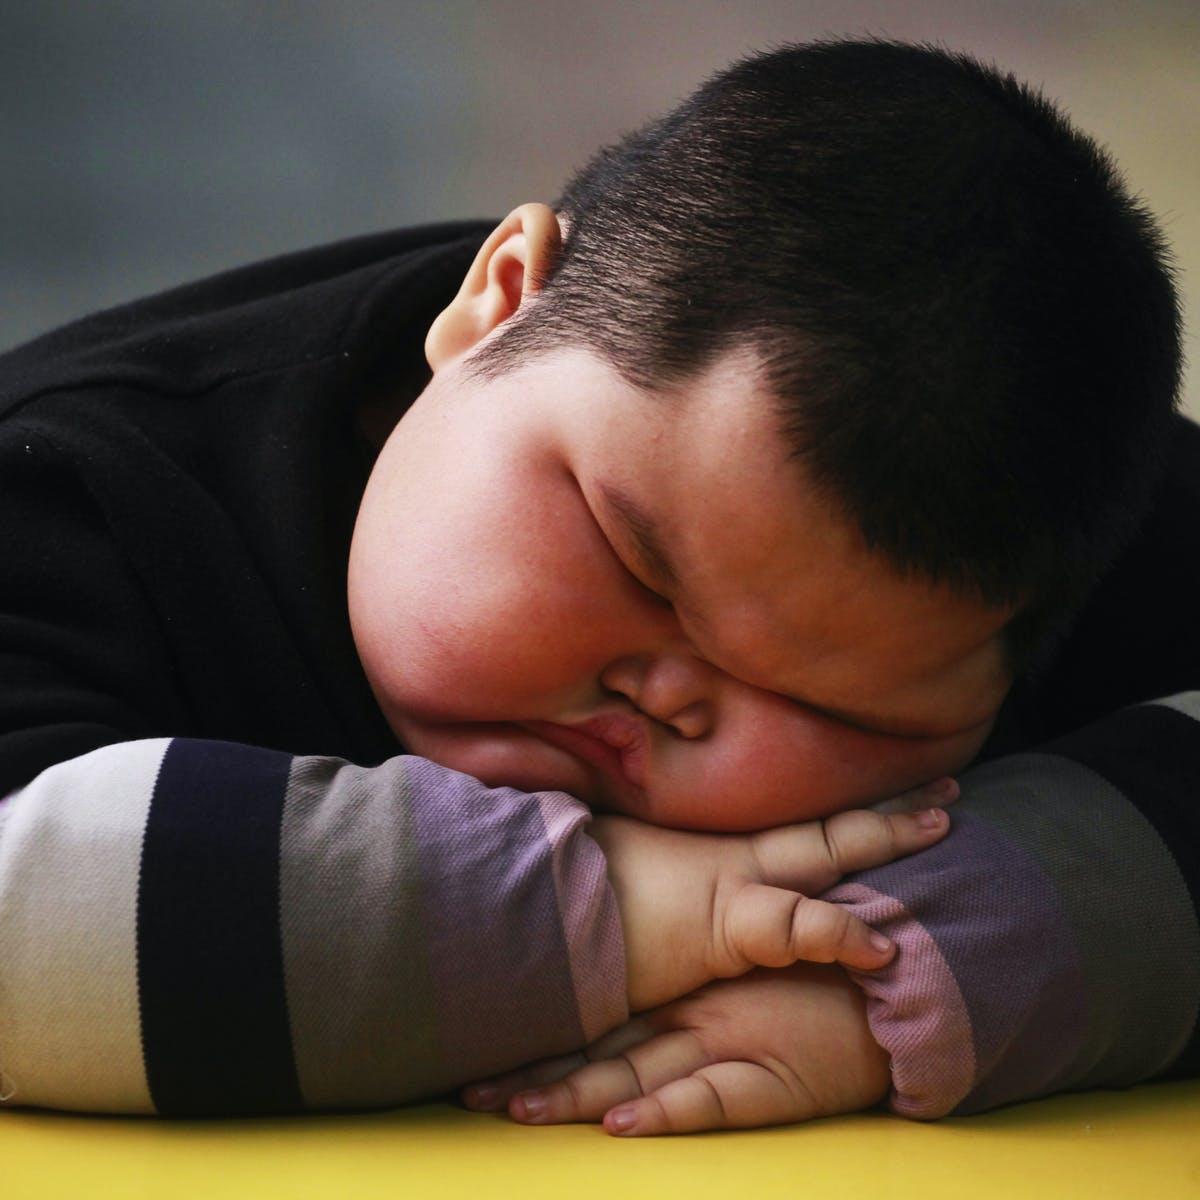 خطر چاقی دانش آموزان در این دوران